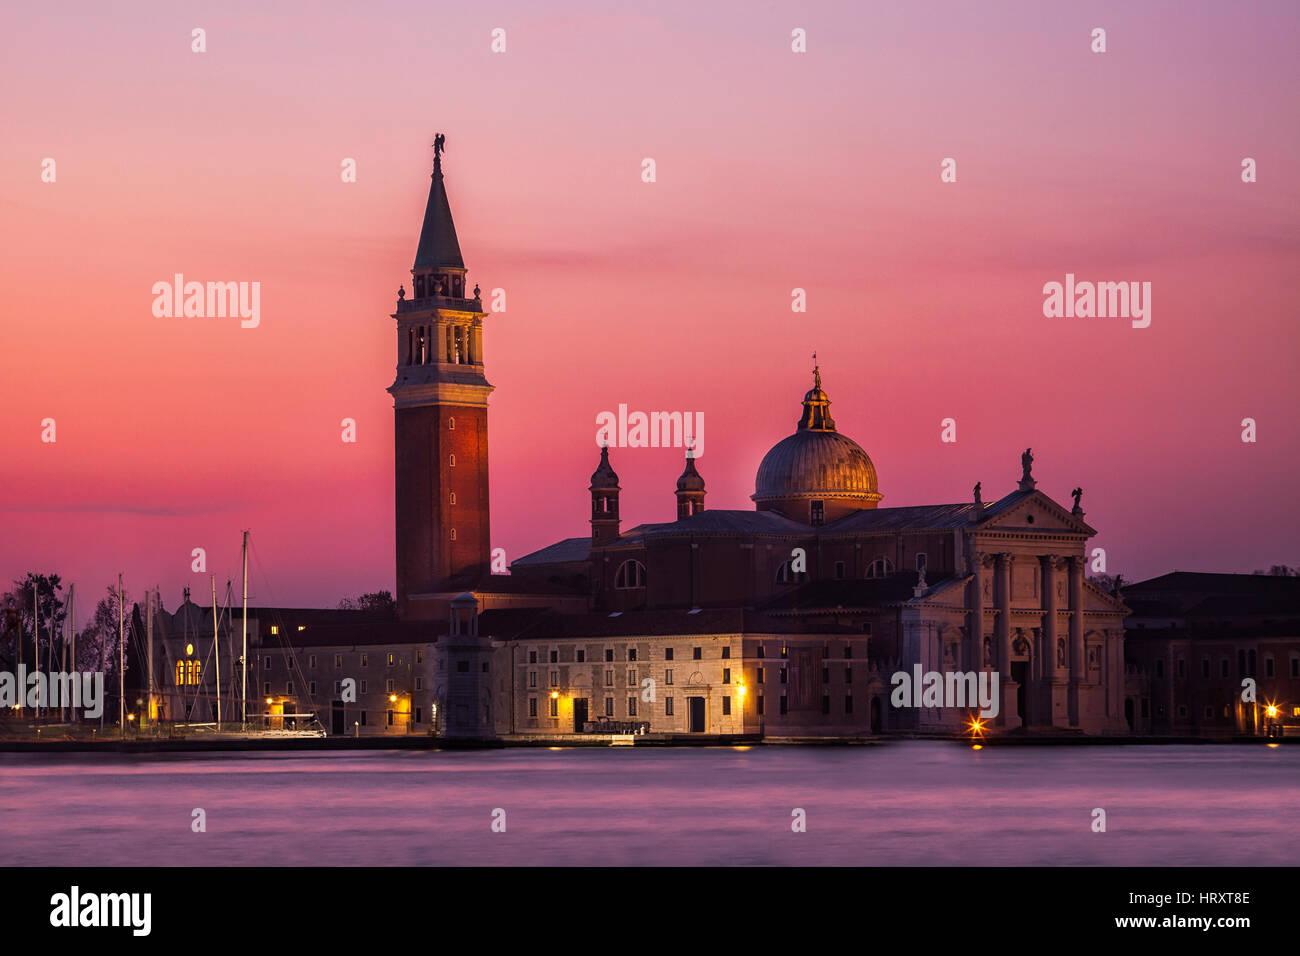 Dawn breaks over the island of San Giorgio Maggiore seen from St. Mark's Square in Venice, Italy - Stock Image